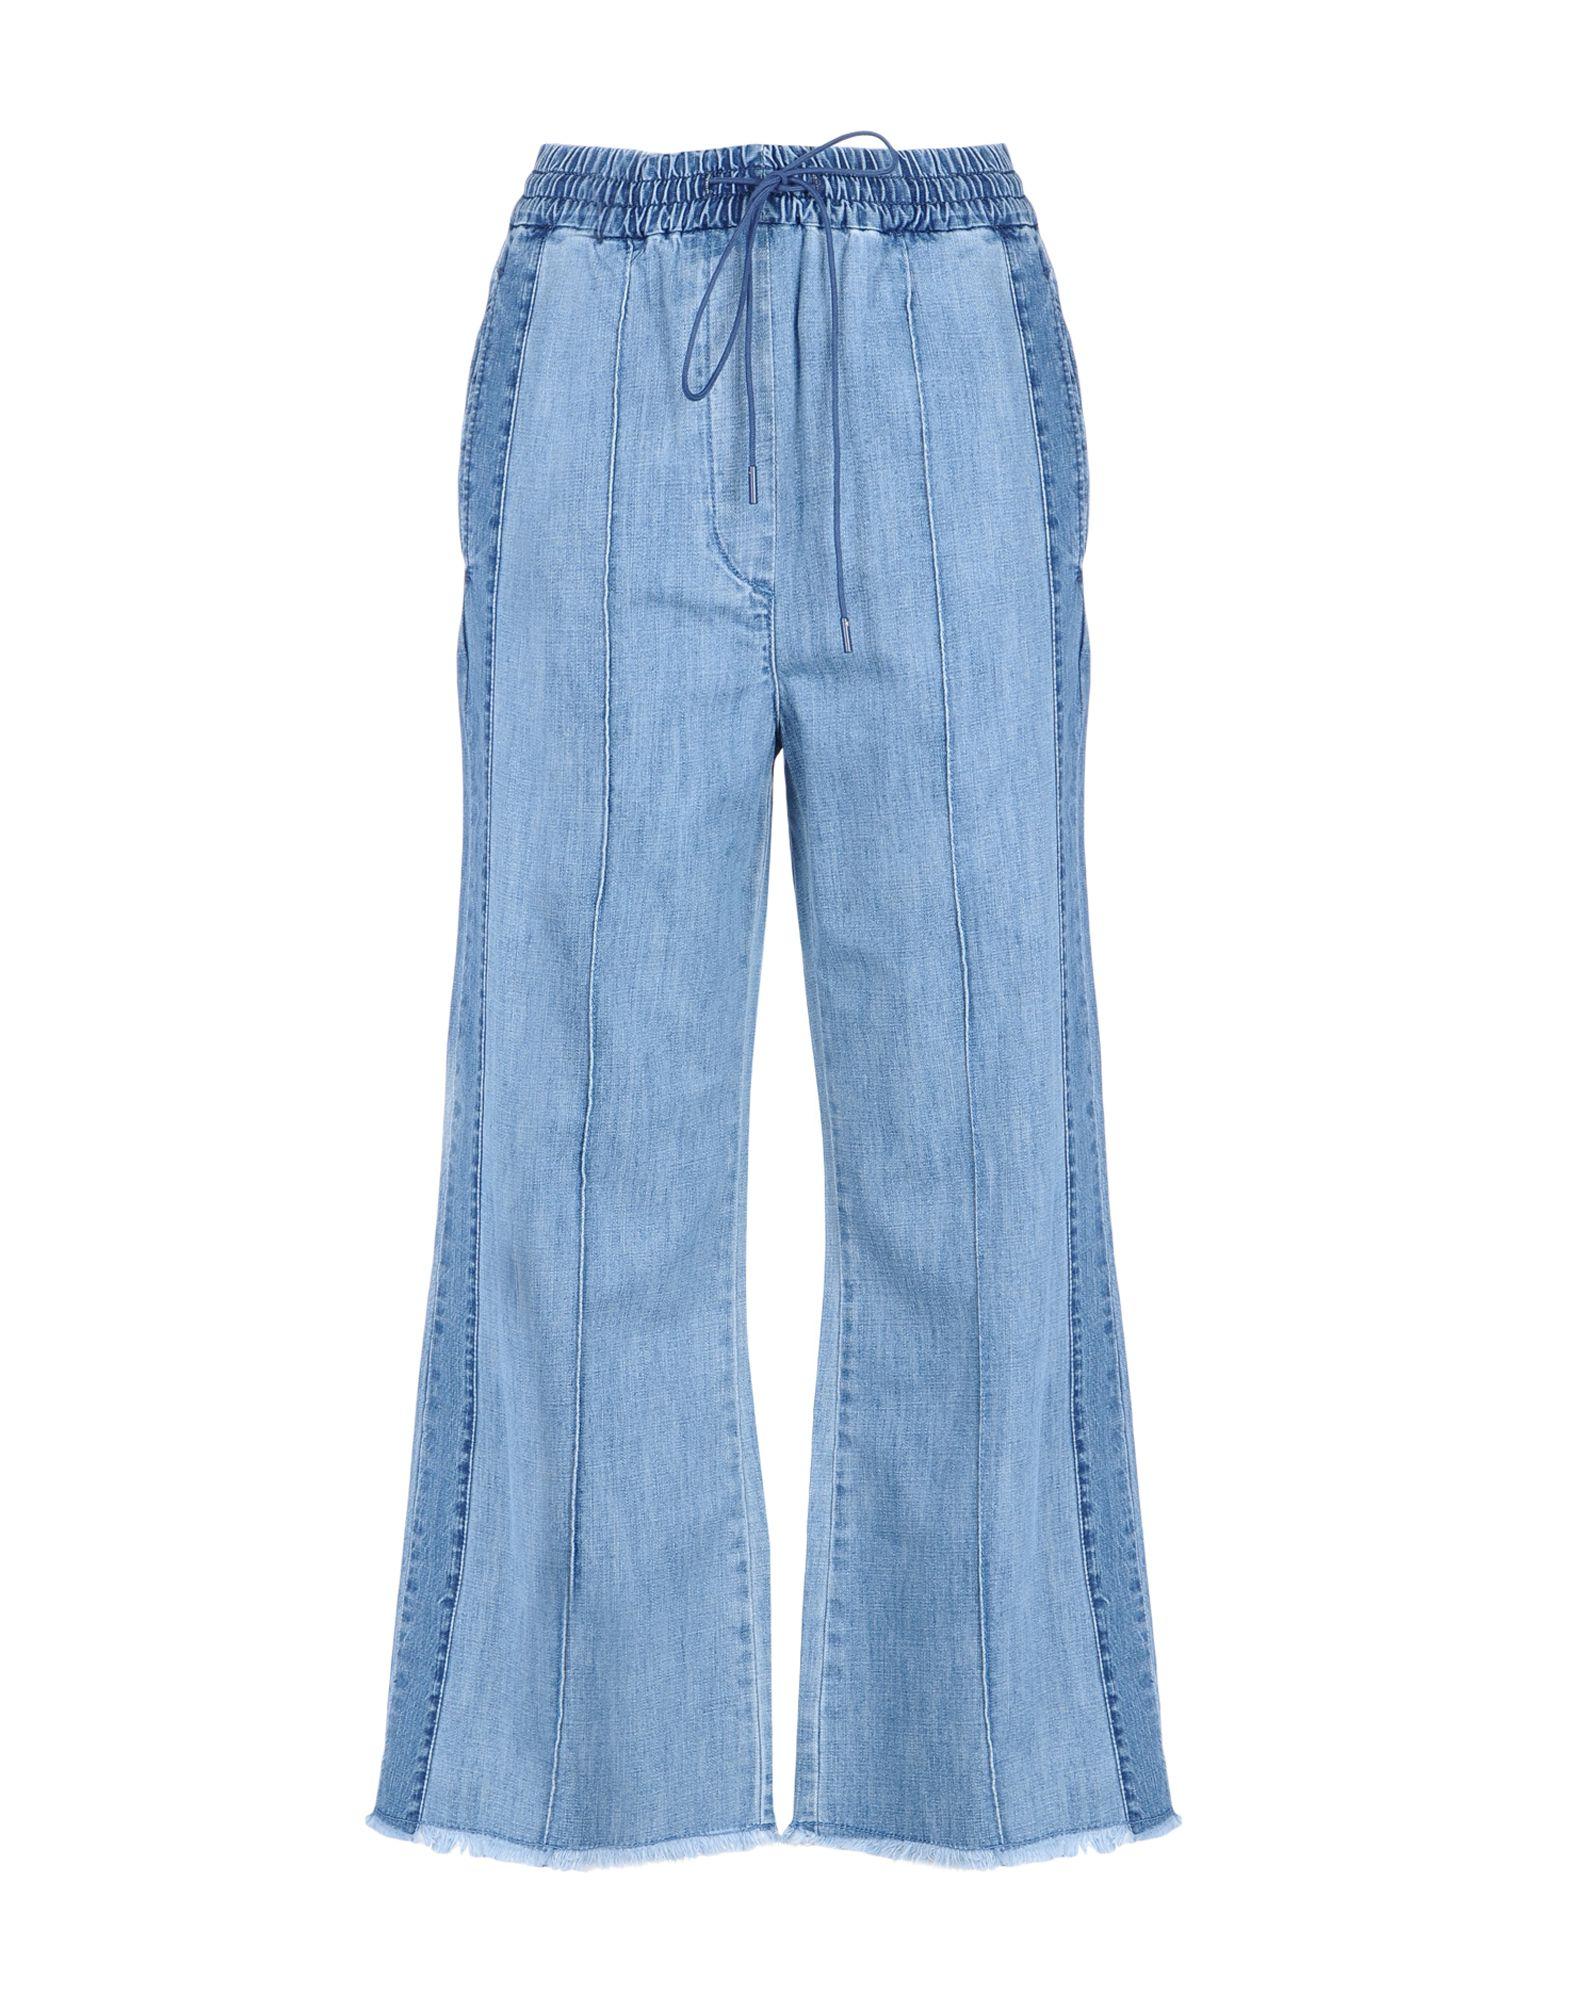 《送料無料》LUCKY CHOUETTE レディース ジーンズ ブルー 36 コットン 100%